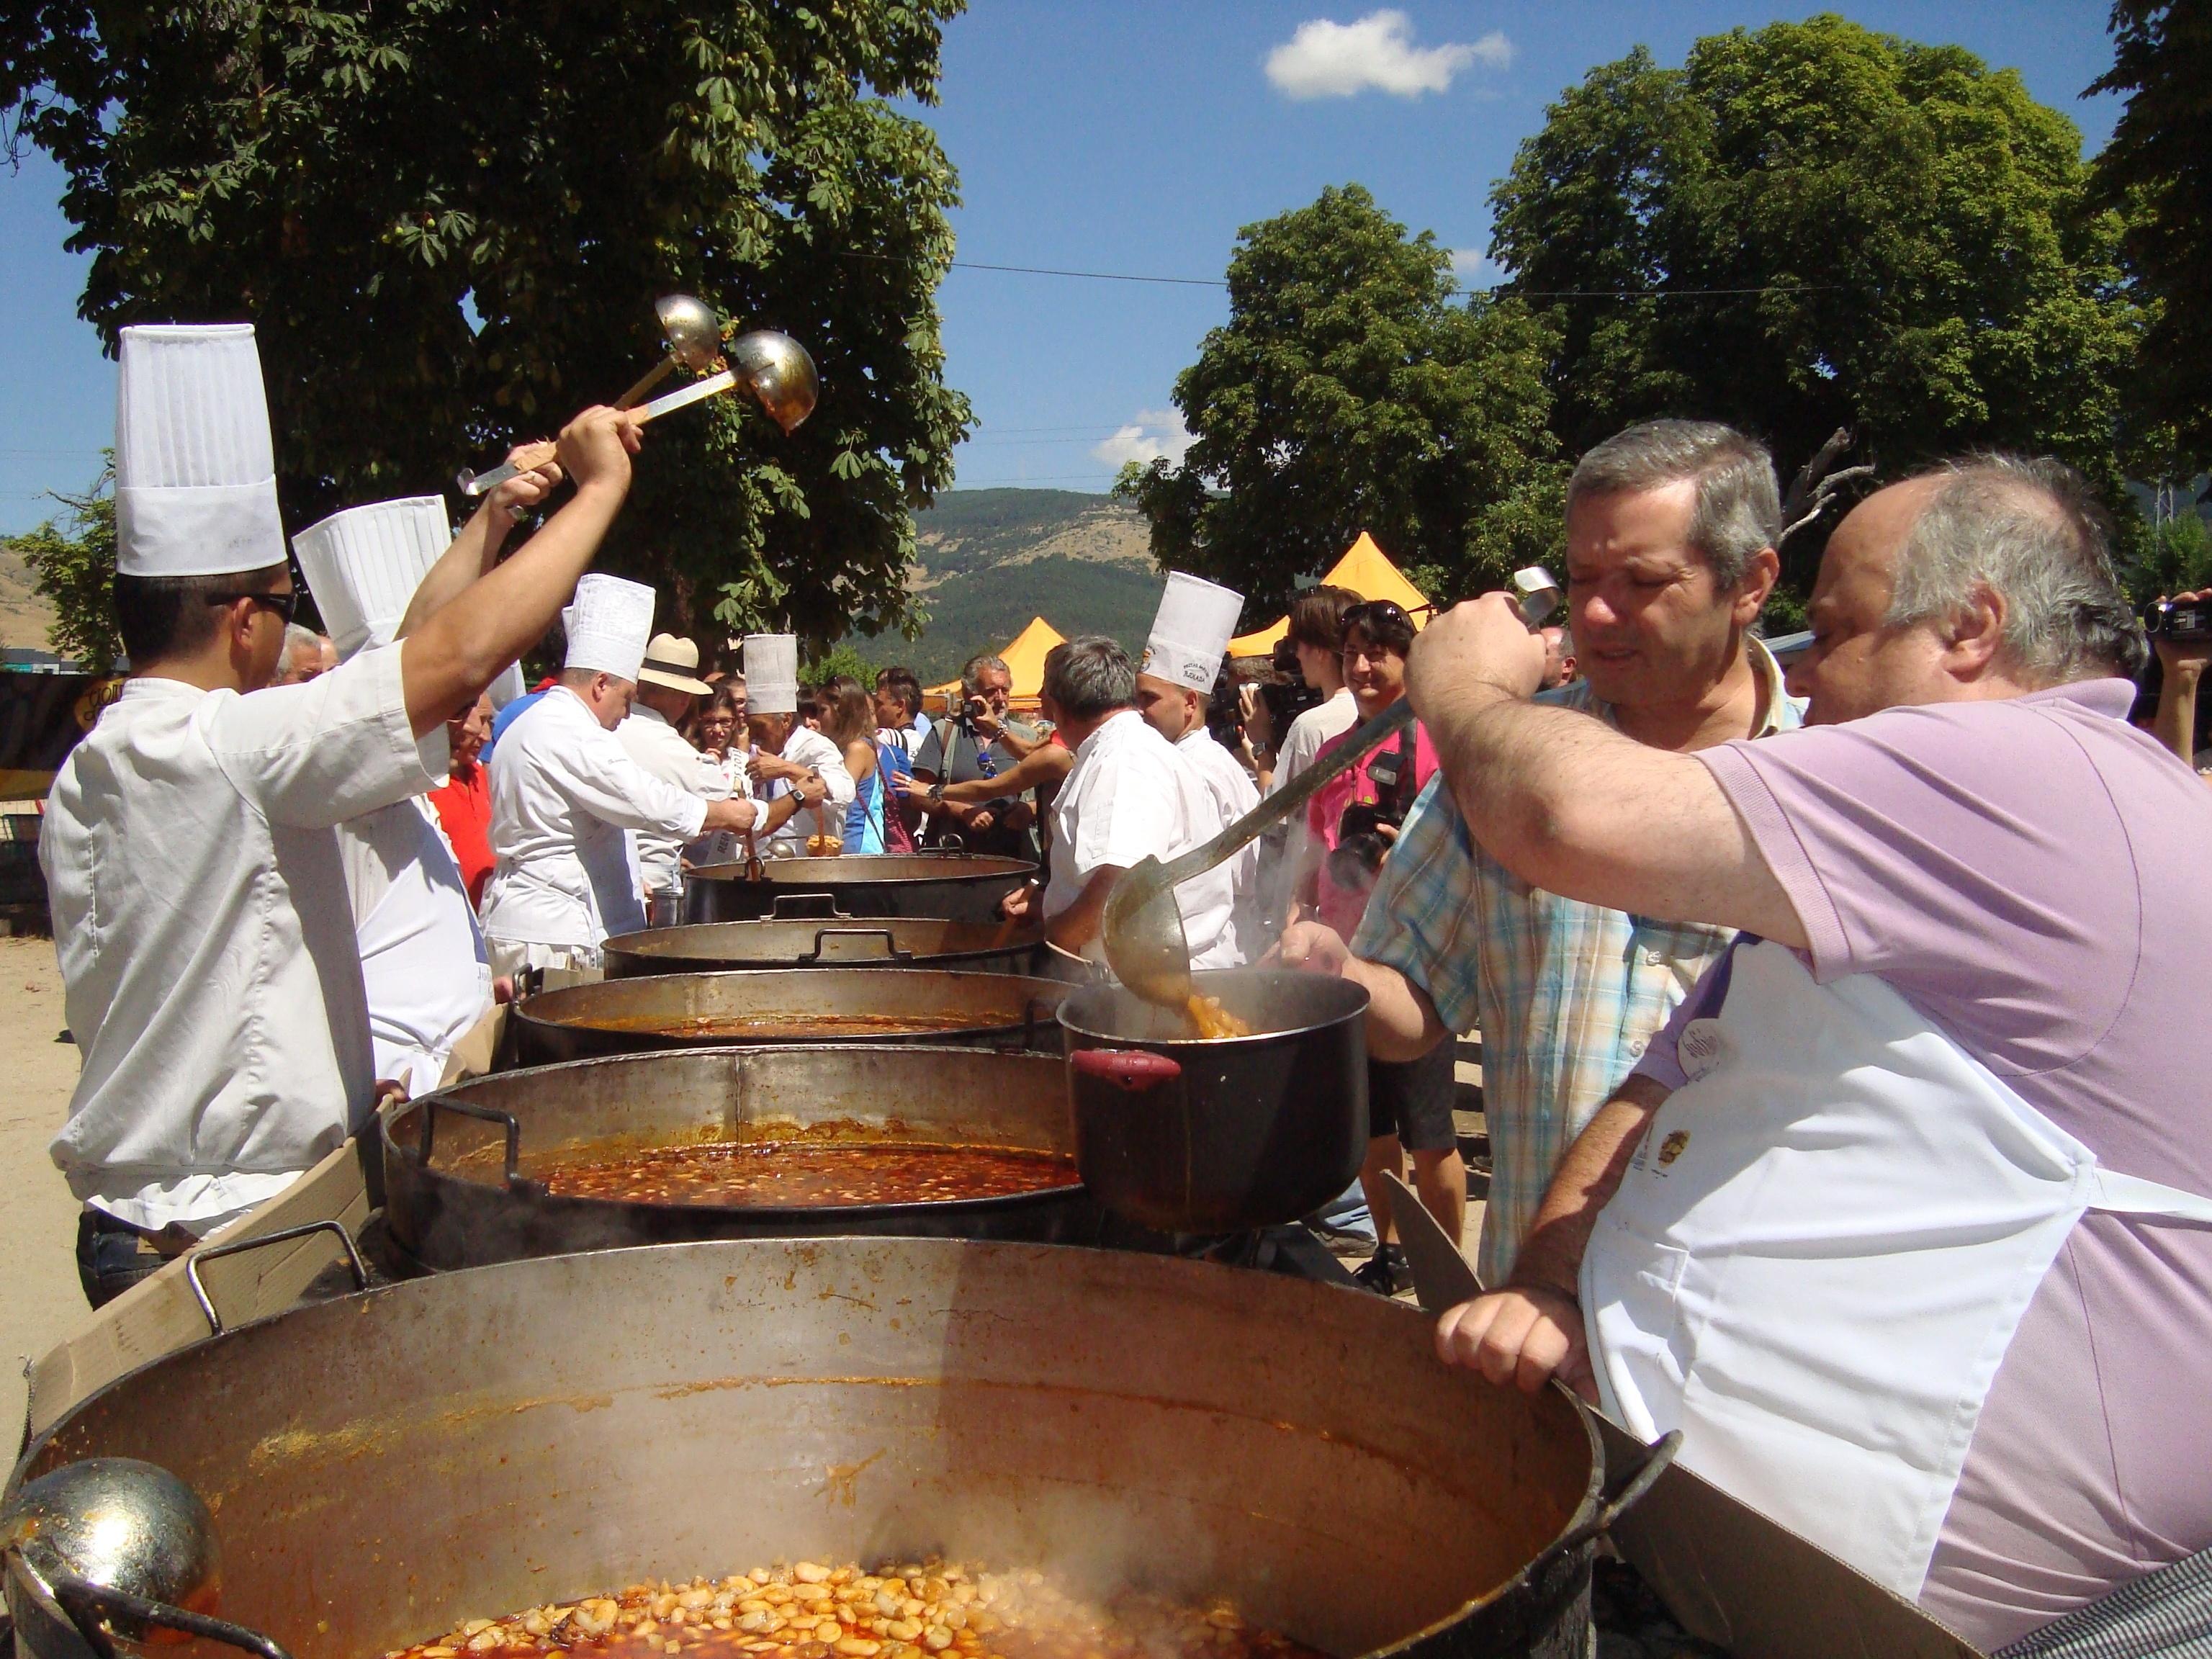 Unas 11.000 personas degustan en La Granja (Segovia) los judiones típicos de la villa, que esperan su Marca de Garantía